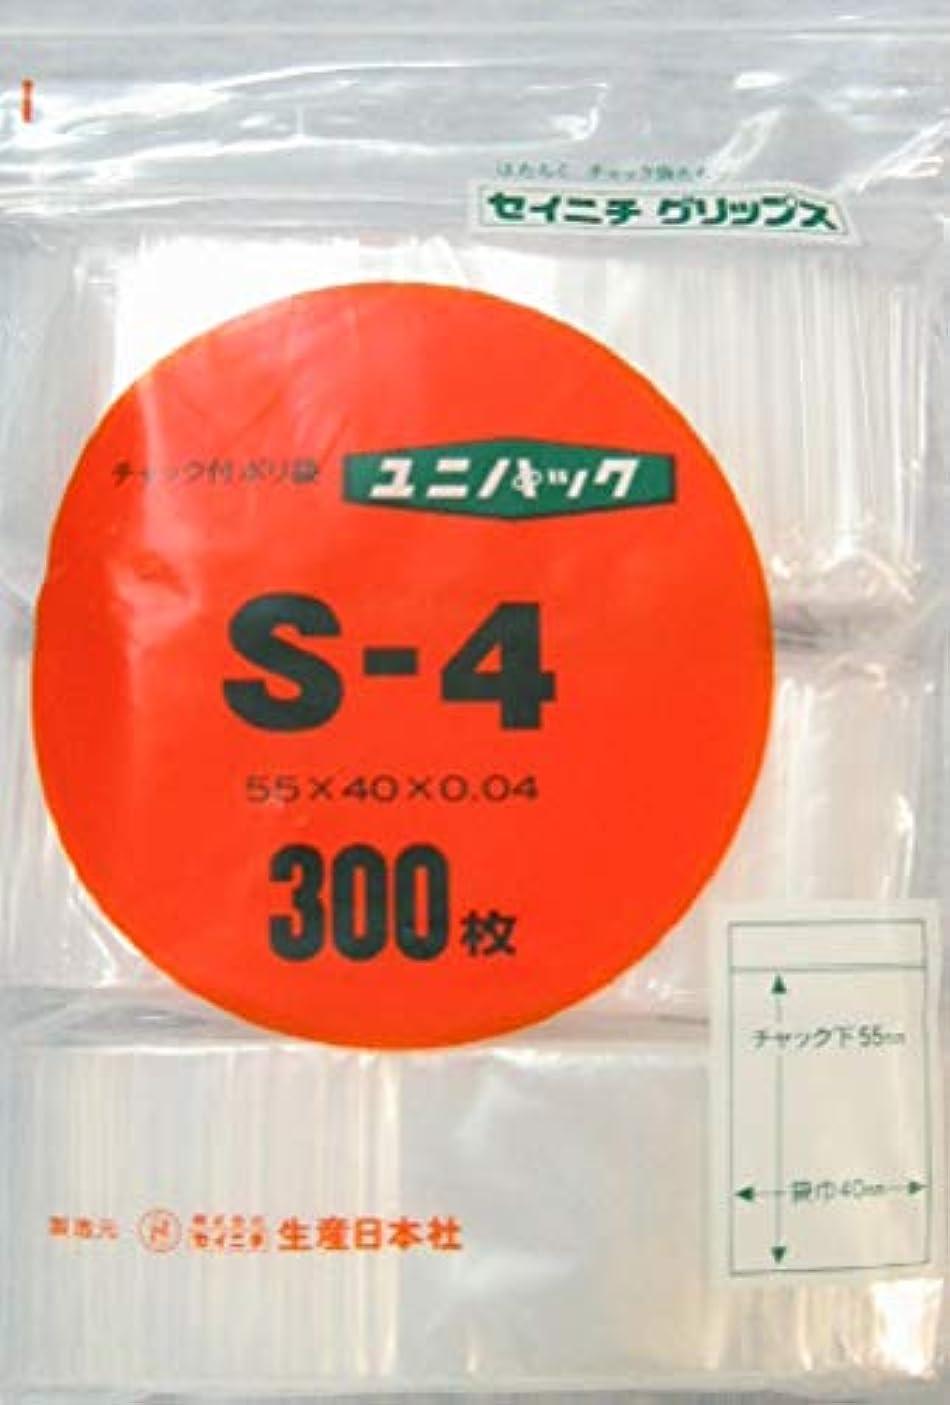 急いでタイプライター回答2袋セット/ユニパックS-4(300枚入)(0.04X幅40X????下55mm)